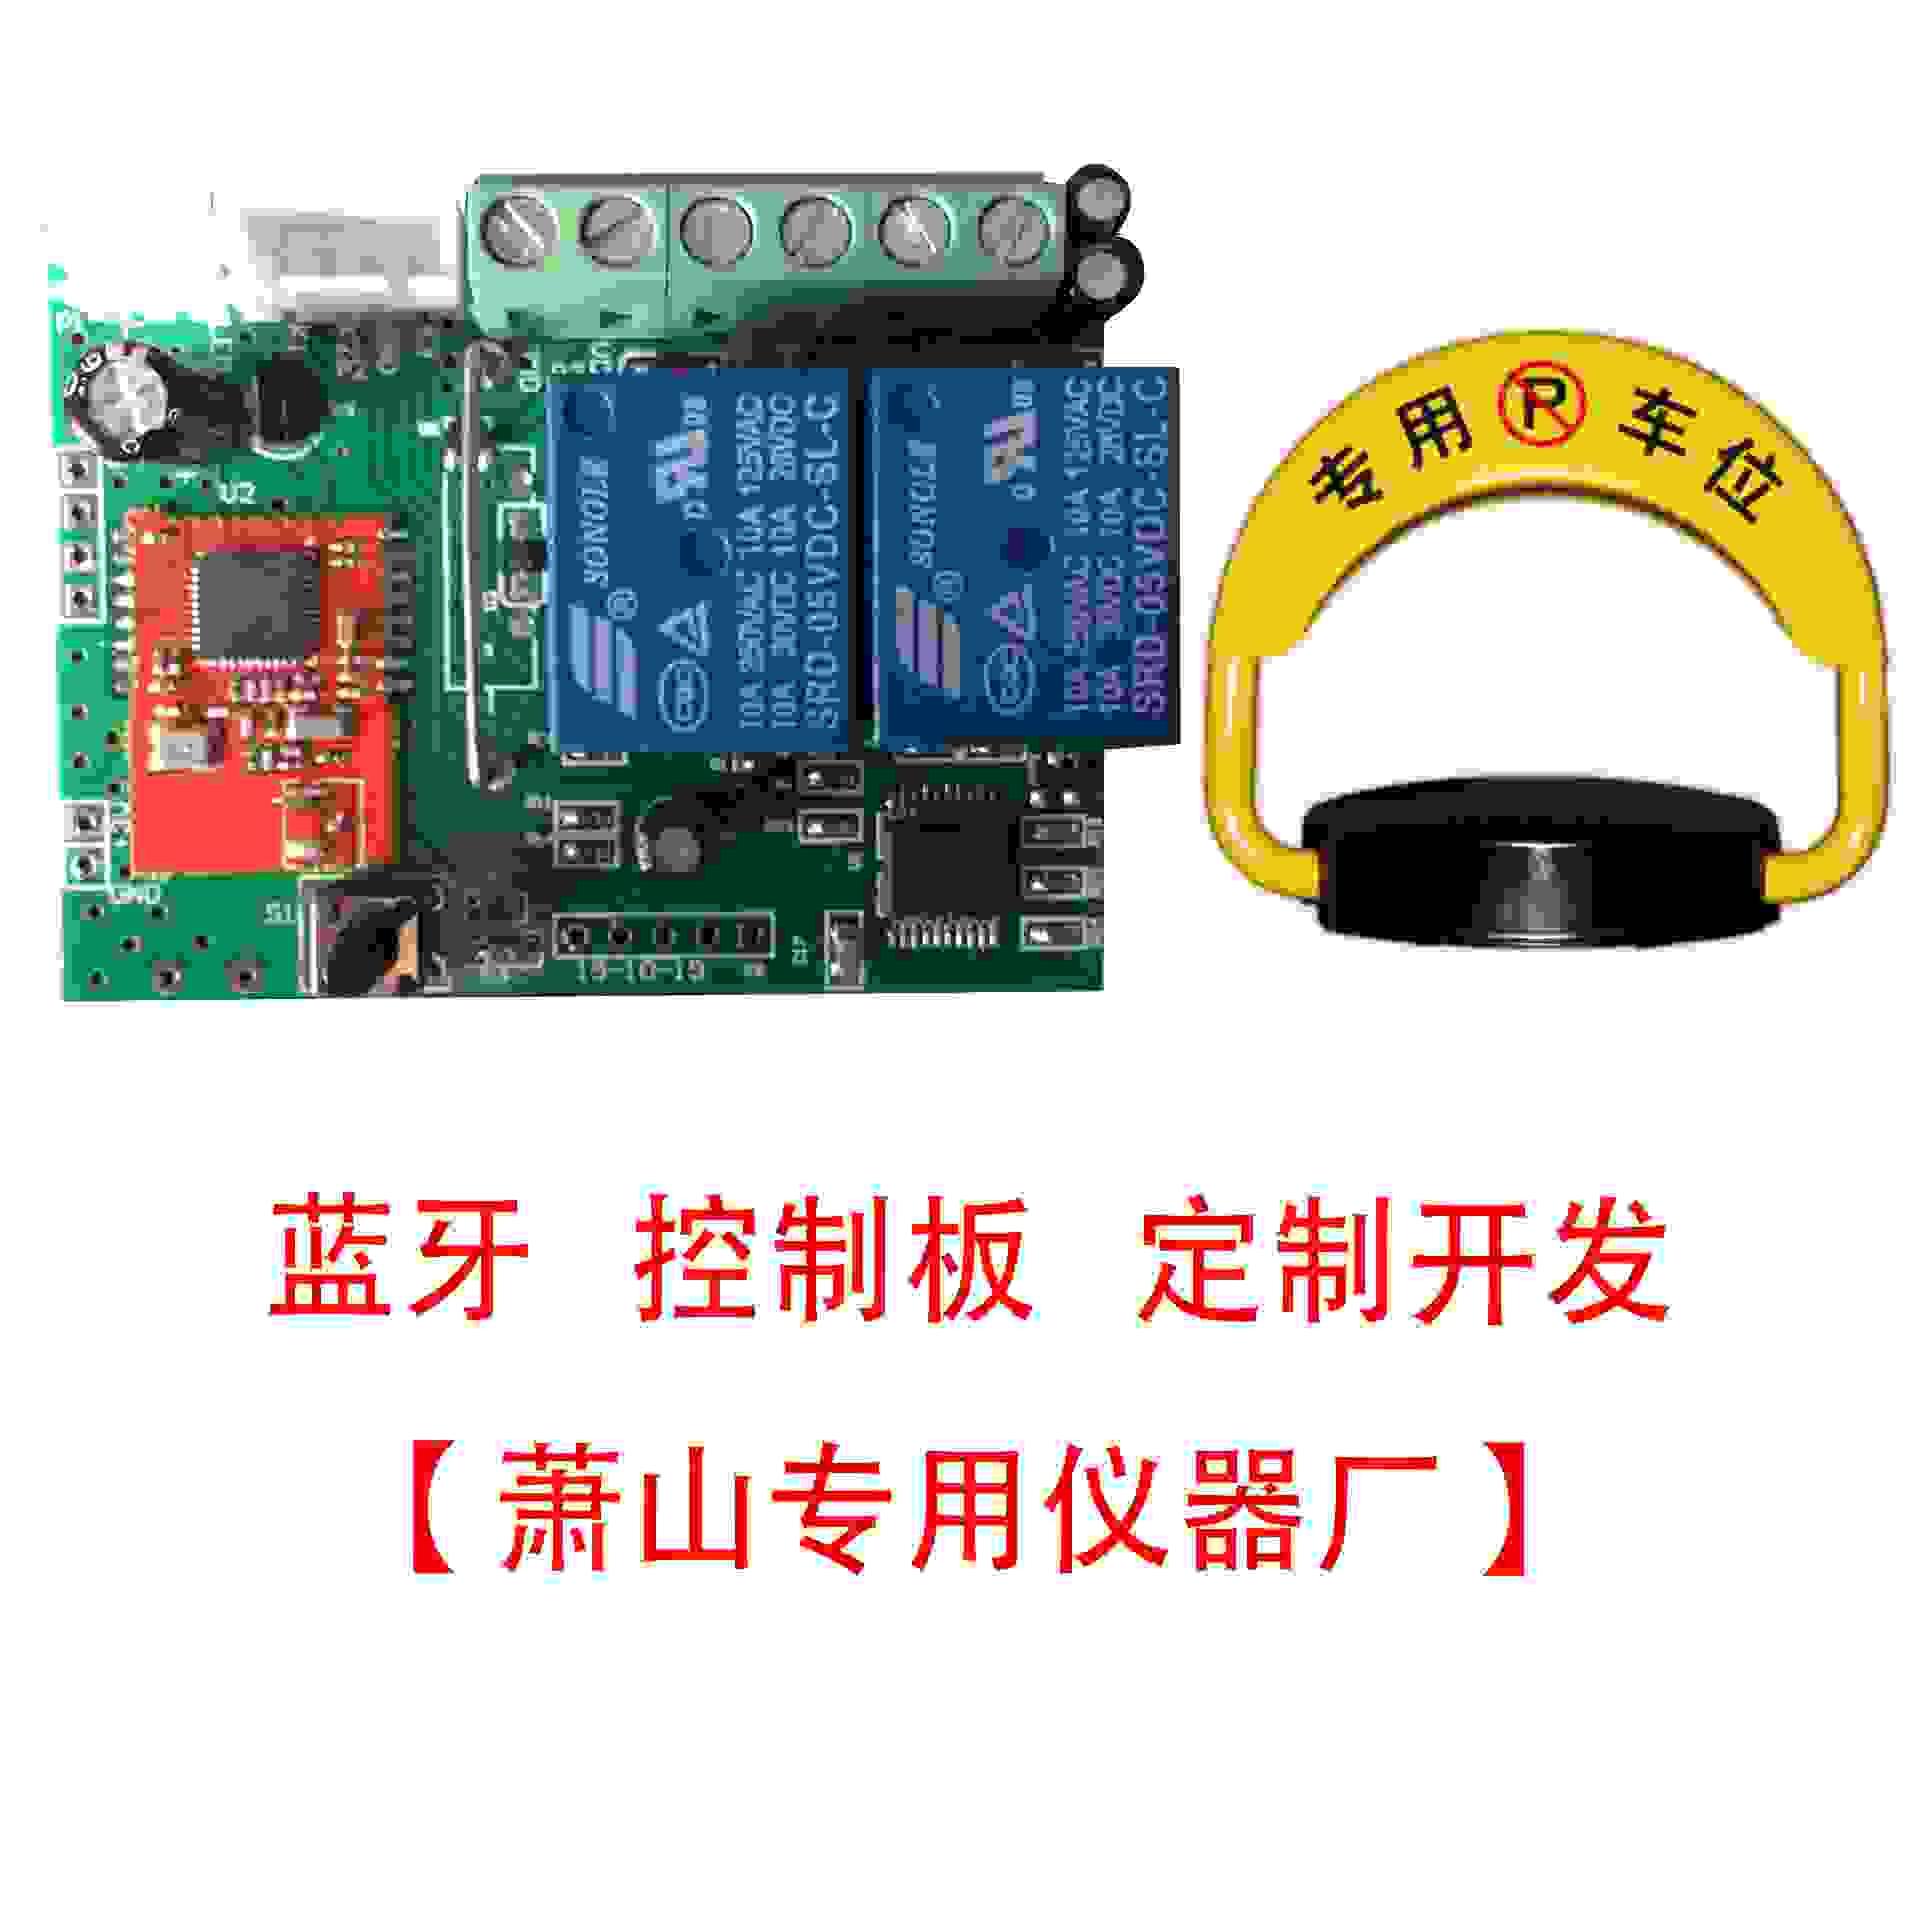 蓝牙 电脑控制板 设计开发 用于智能家电 【萧山专用仪器厂】0